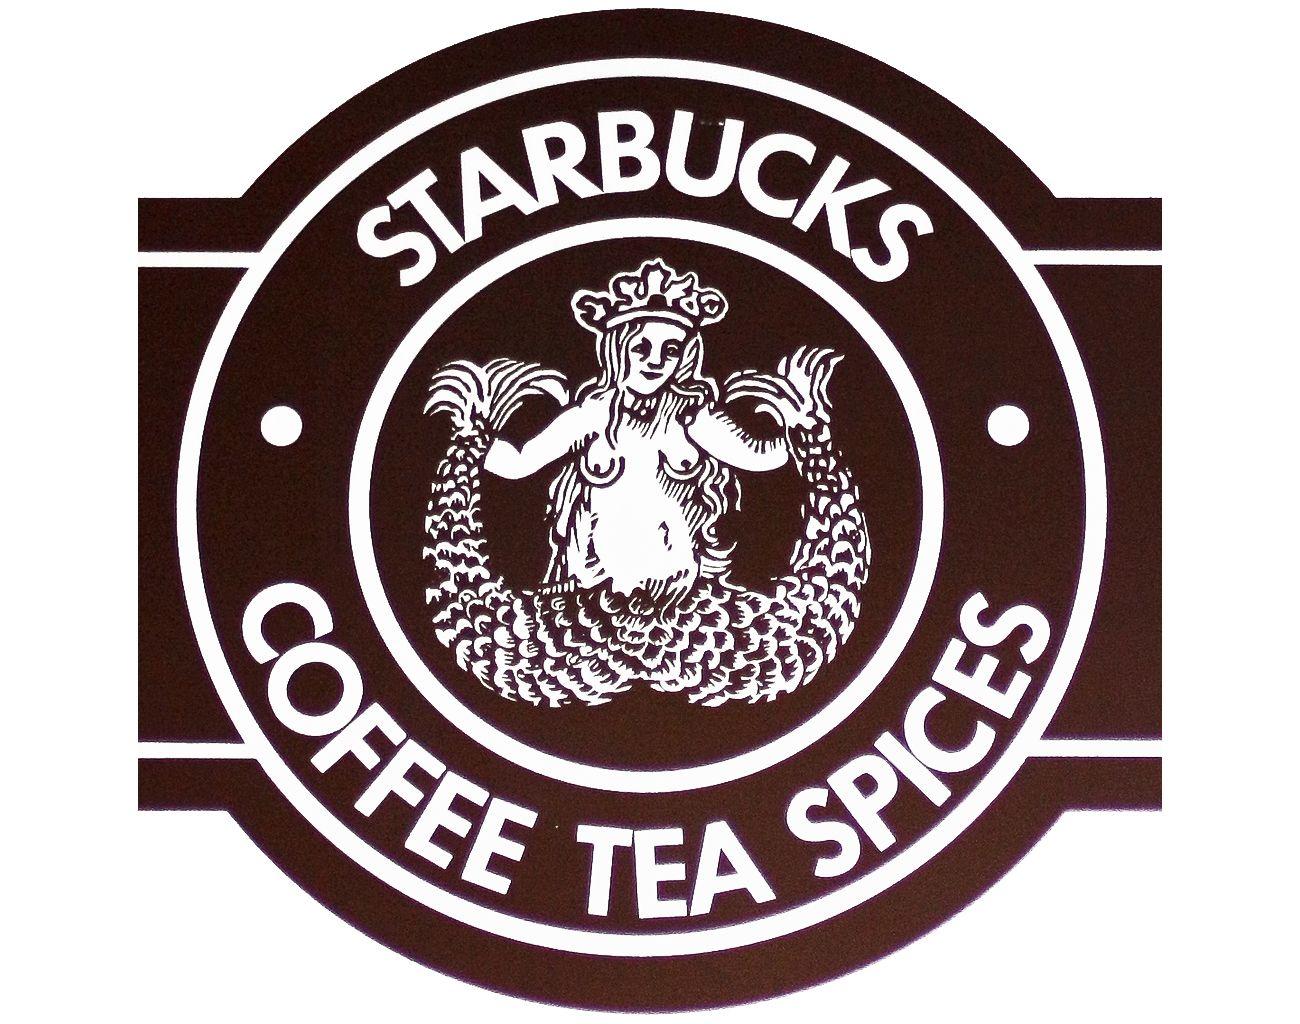 old starbucks logo all logos world pinterest starbucks logo